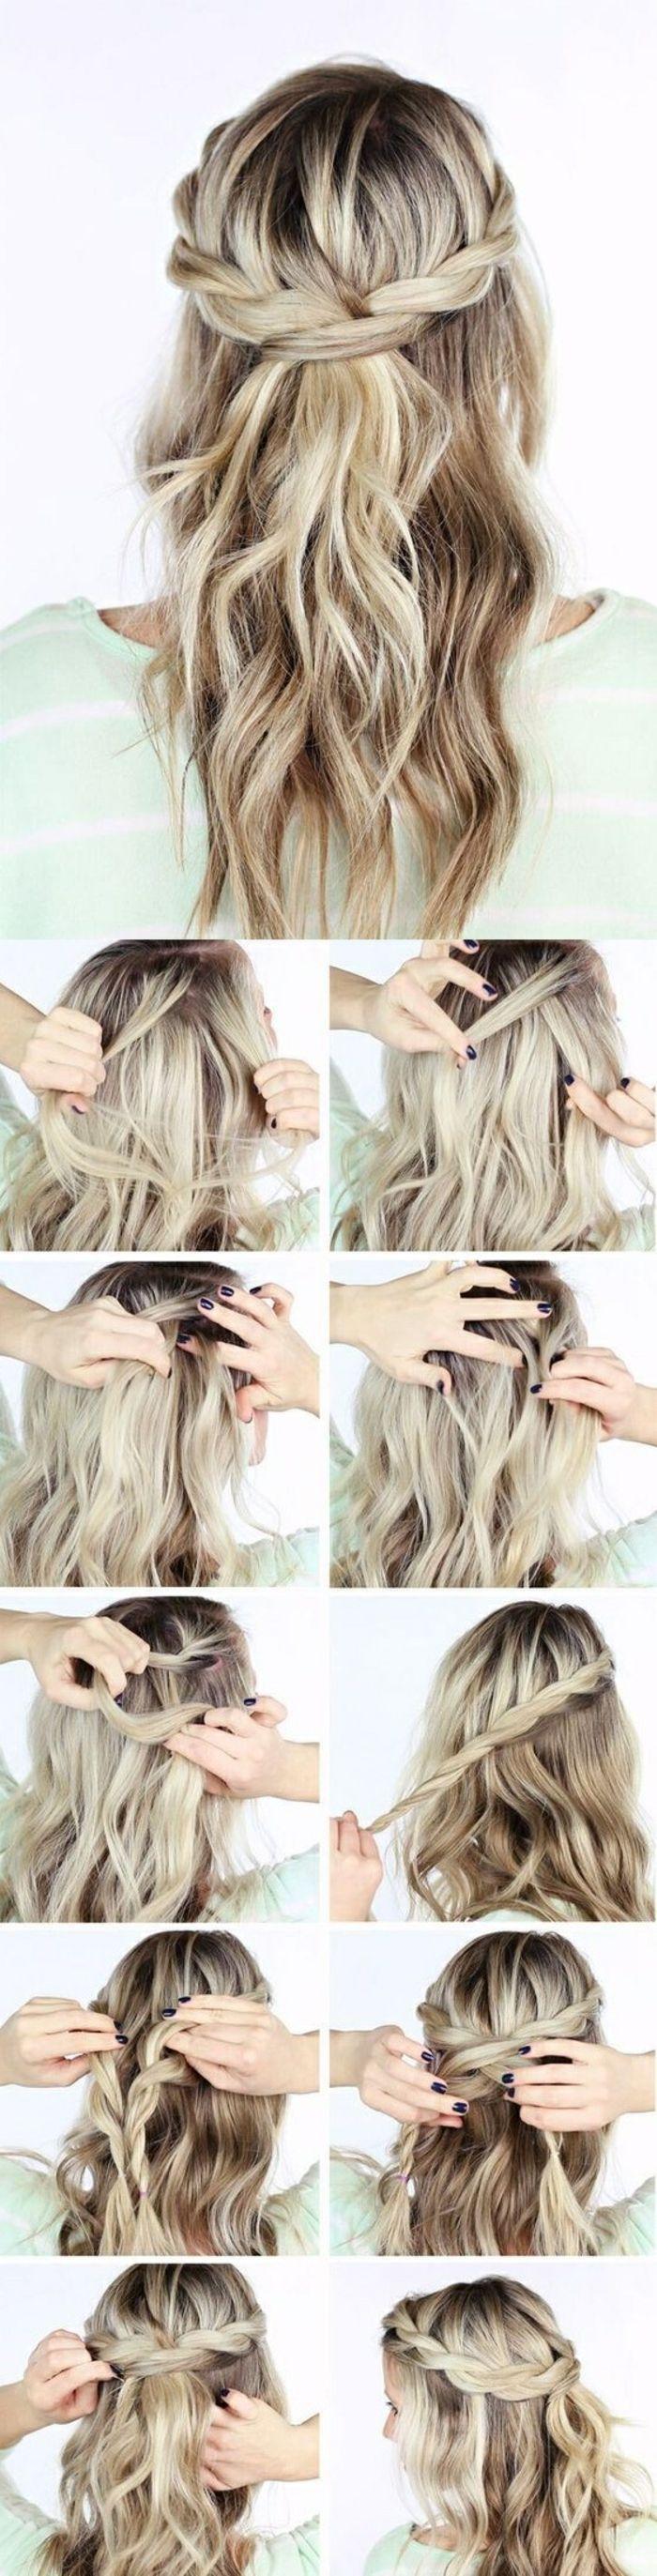 einfache frisuren mittellange blonde lockige haare tolle